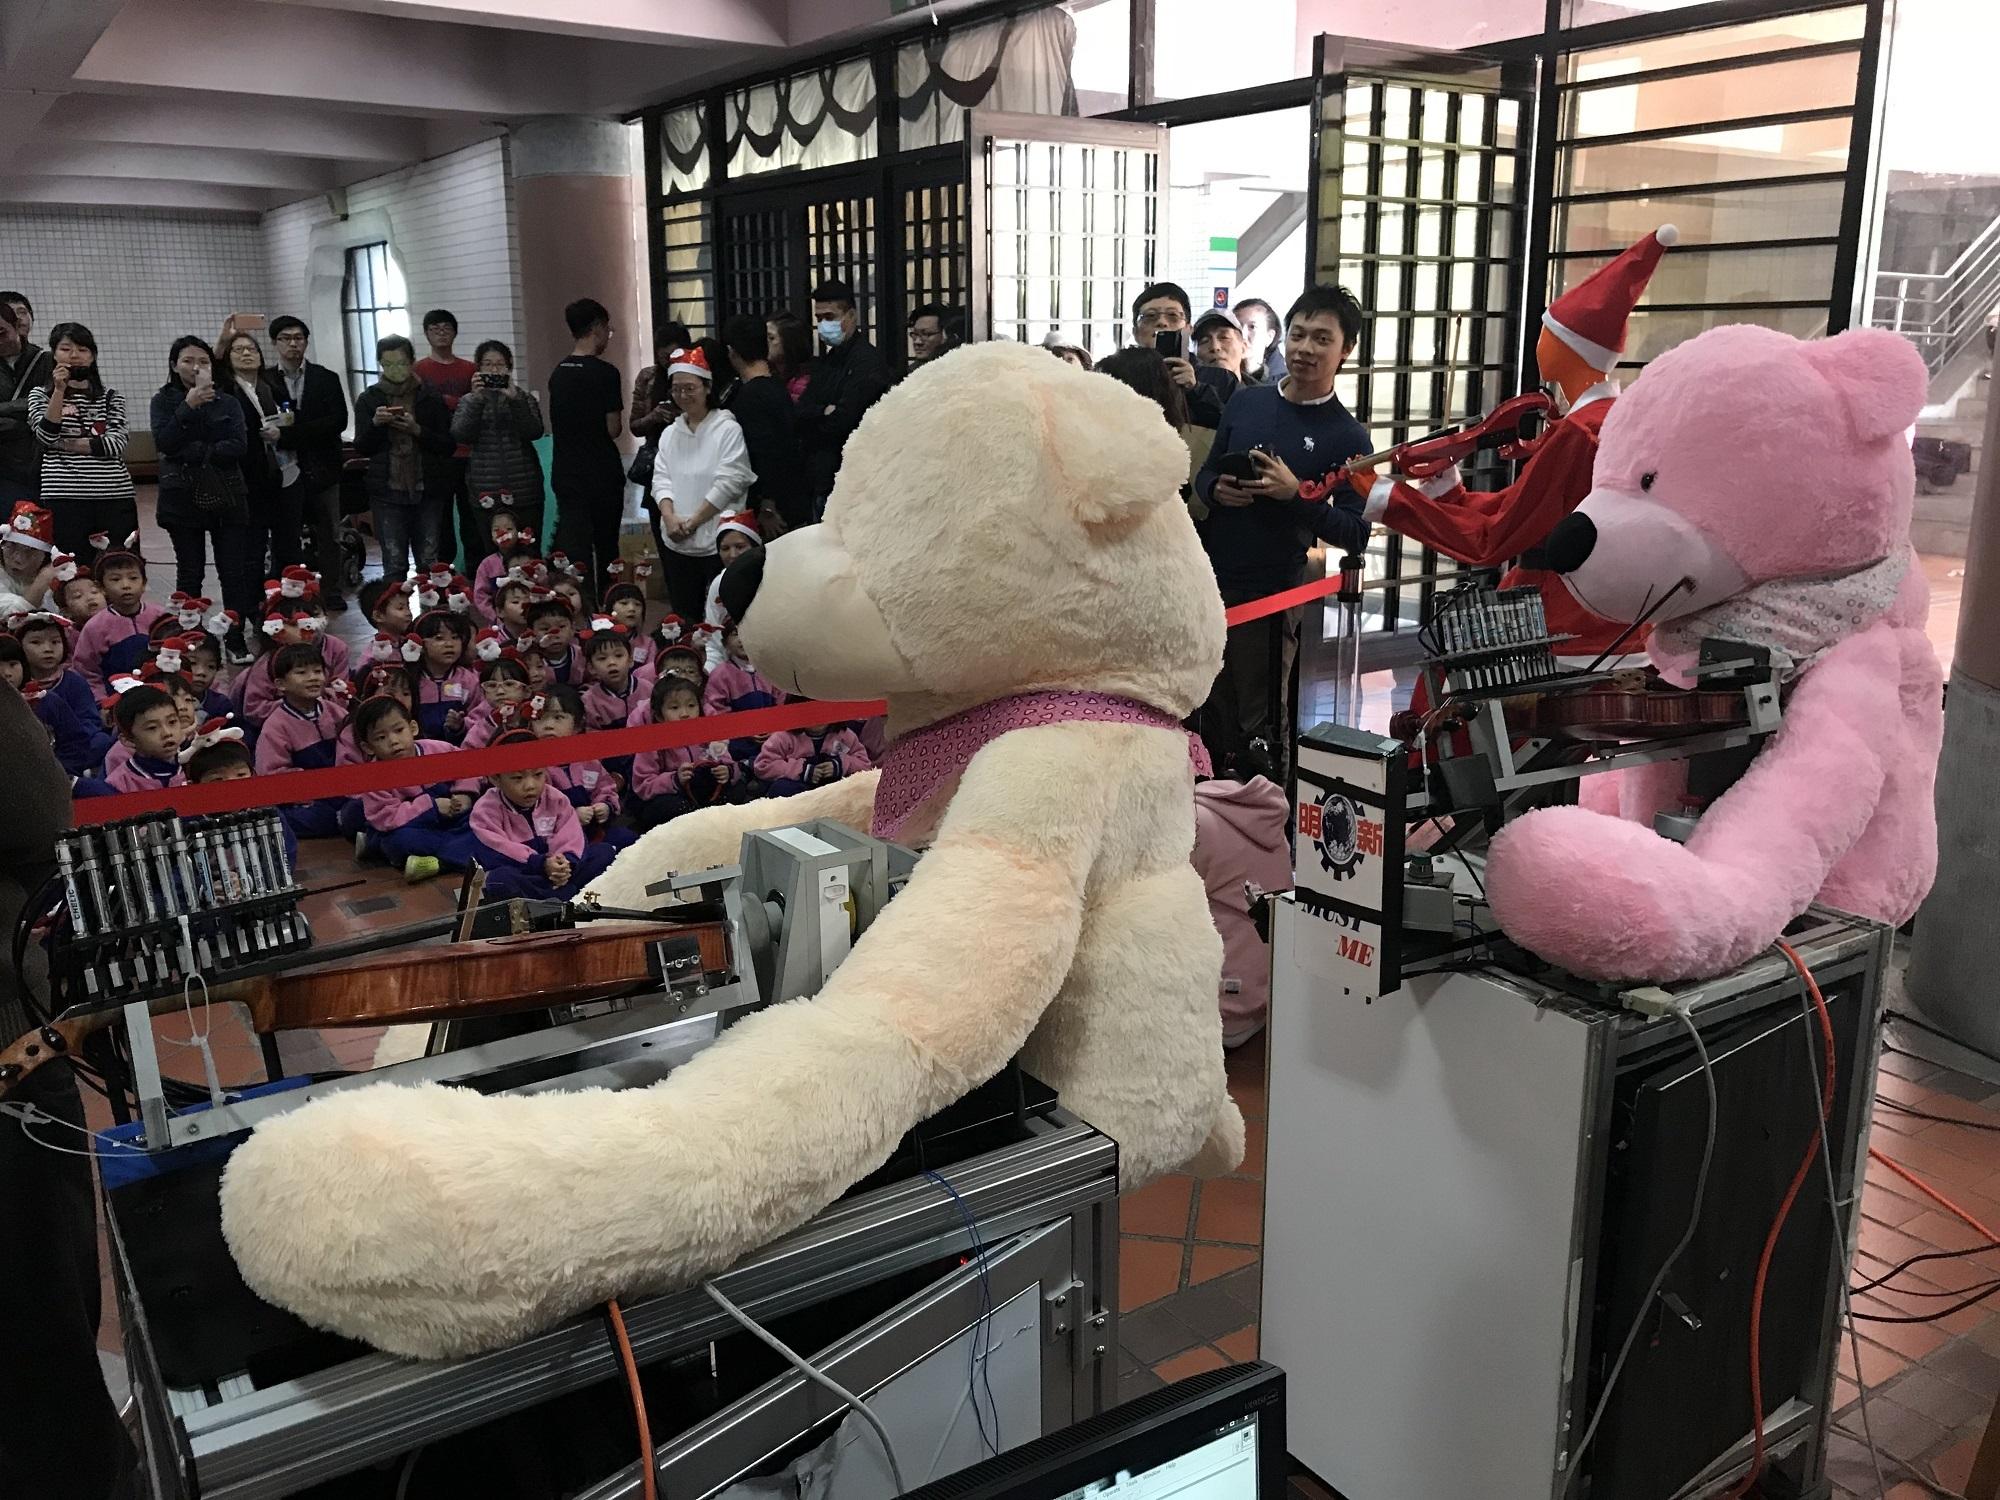 通稿照片-中原「機械人弦樂團」戴上熊的造型,首次搭配節慶特別推出聖誕組曲,送給中原附幼的聖誕驚喜.JPG